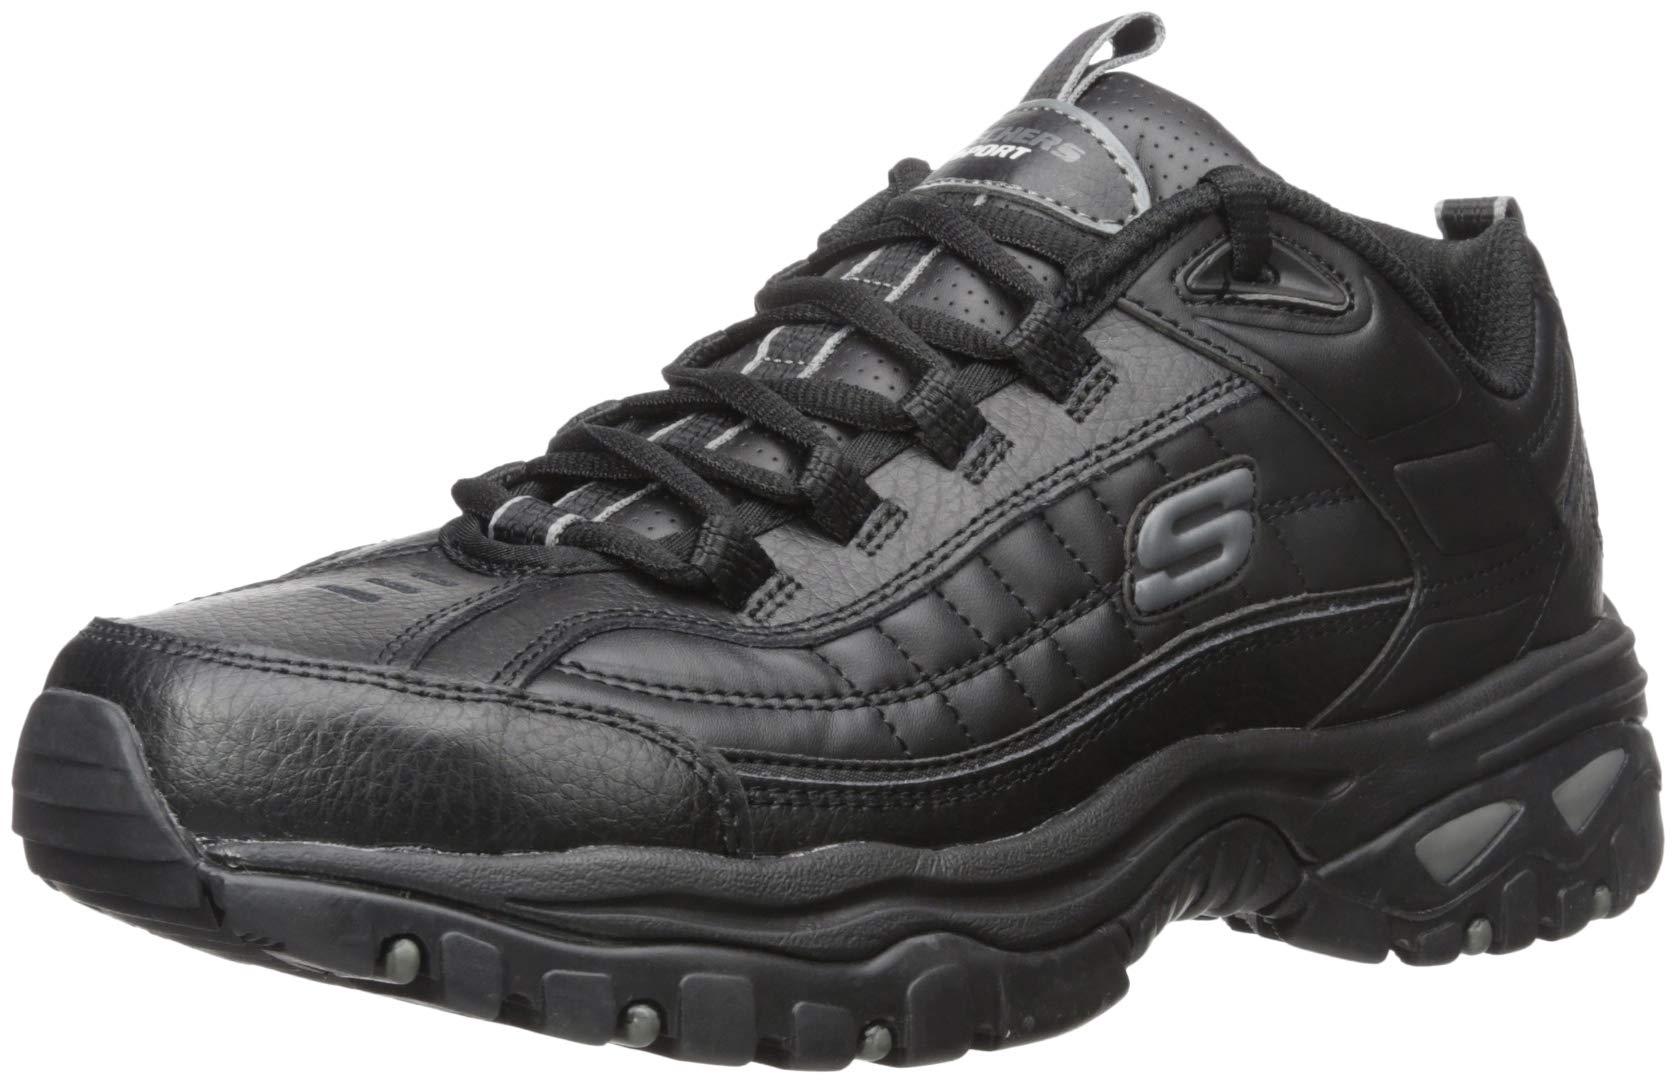 Skechers Men's Energy Afterburn Lace-Up Sneaker,Black,6.5 XW by Skechers